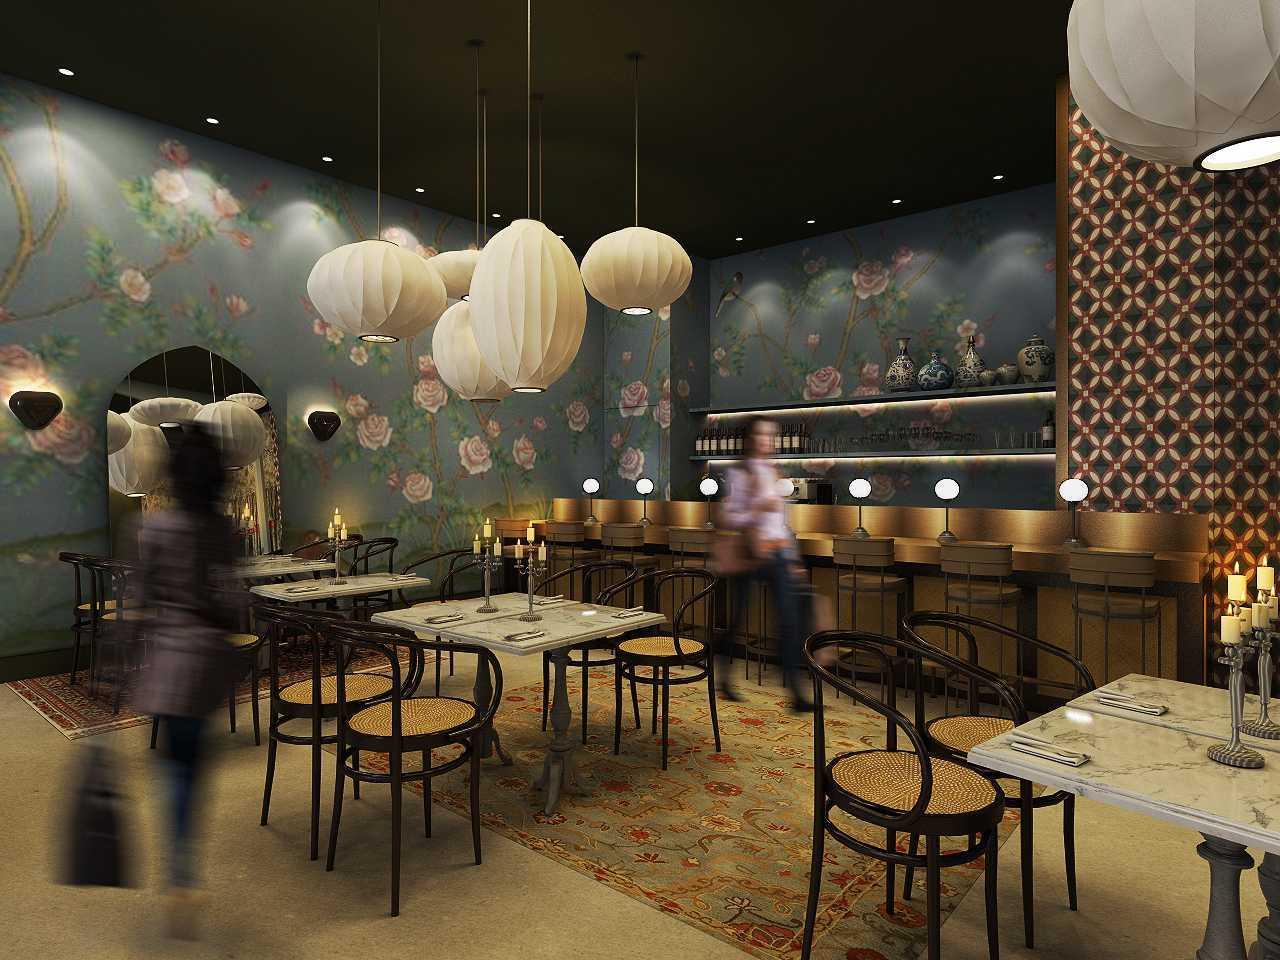 Studio Ig Interior Soematra Flower Cafe Kota Sby, Jawa Timur, Indonesia Kota Sby, Jawa Timur, Indonesia Seating Area Restaurant Contemporary 49629